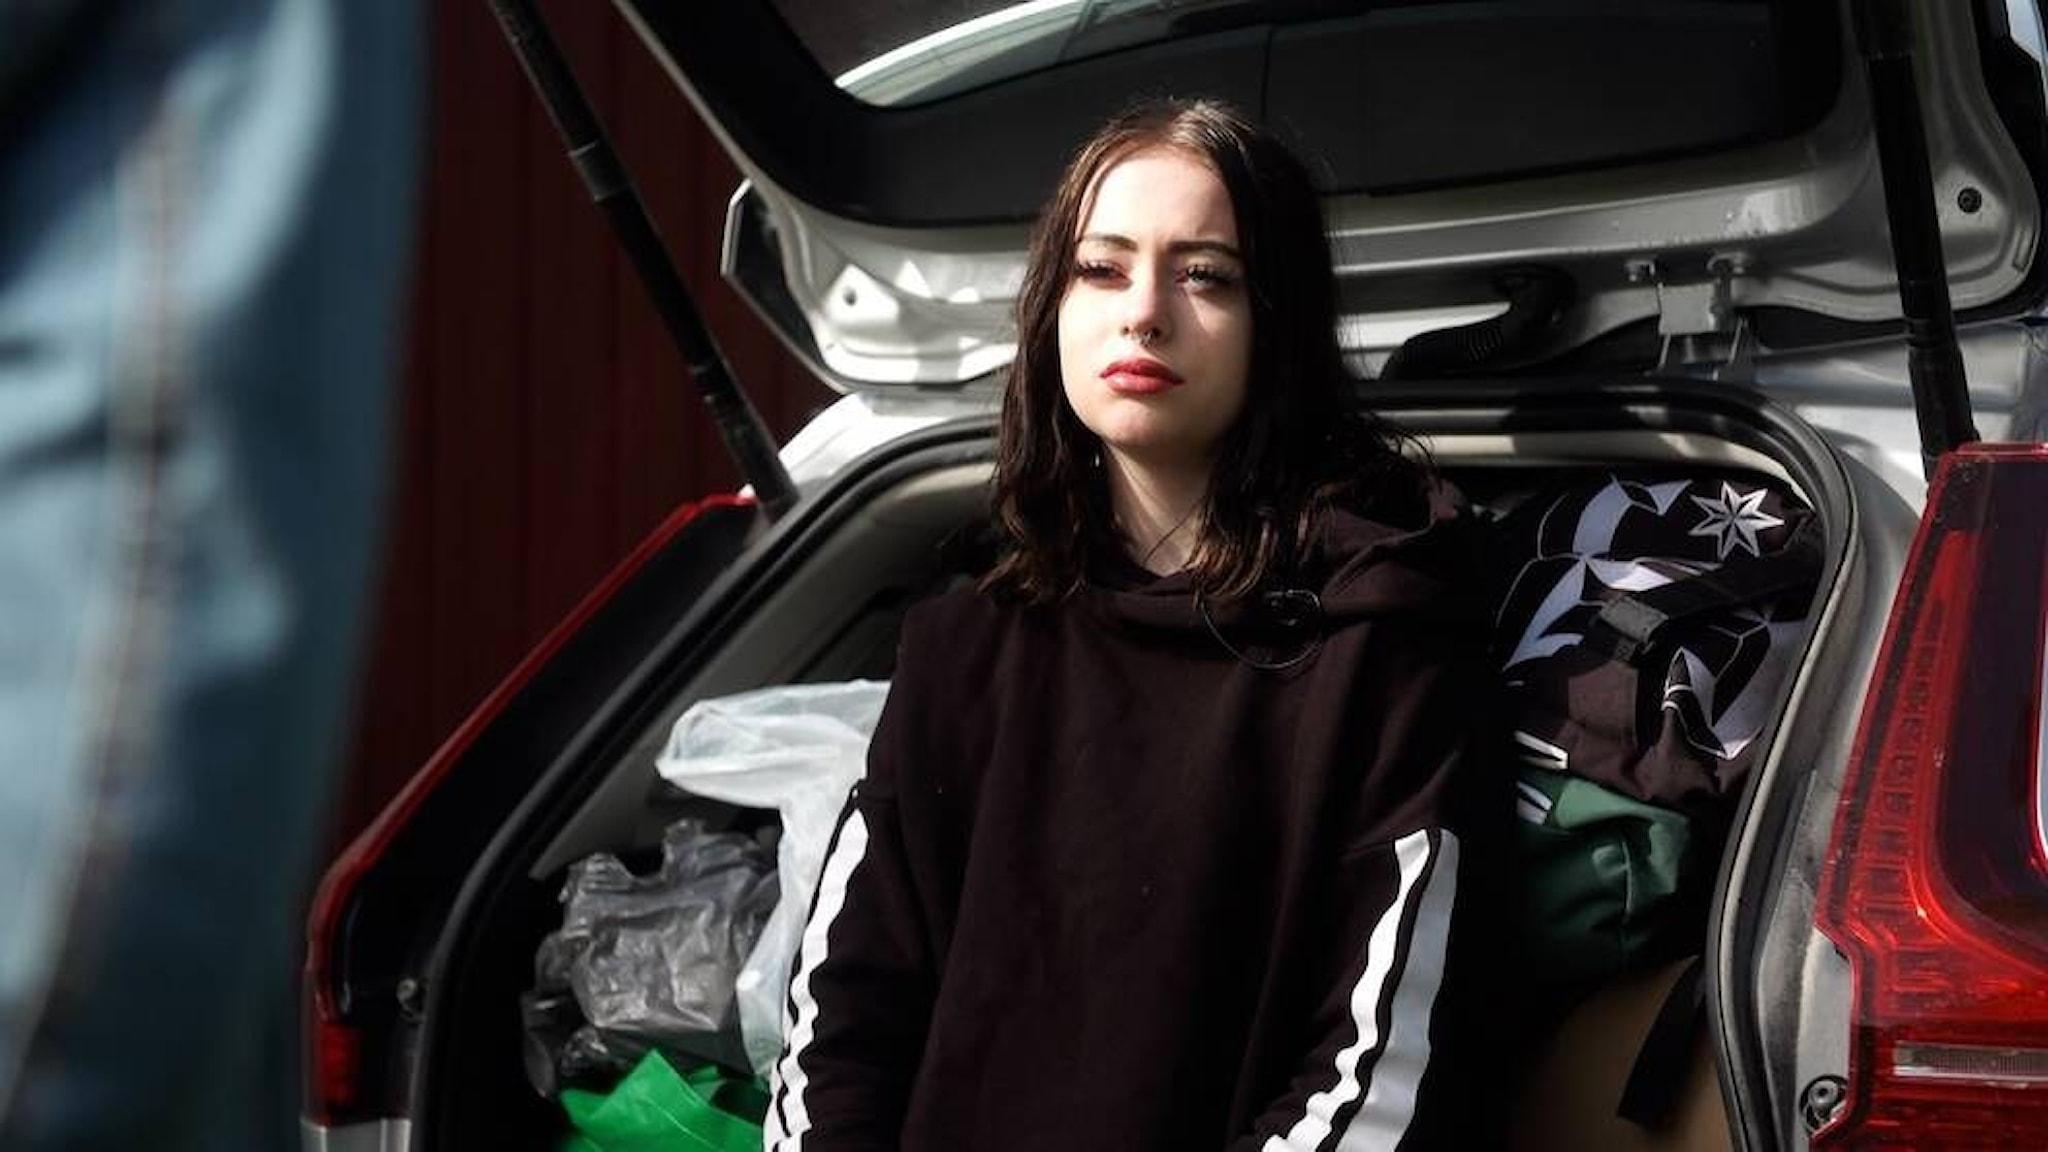 Juni står lutad mot en bil. Hon har långt mörkt hår och en svart tröja.